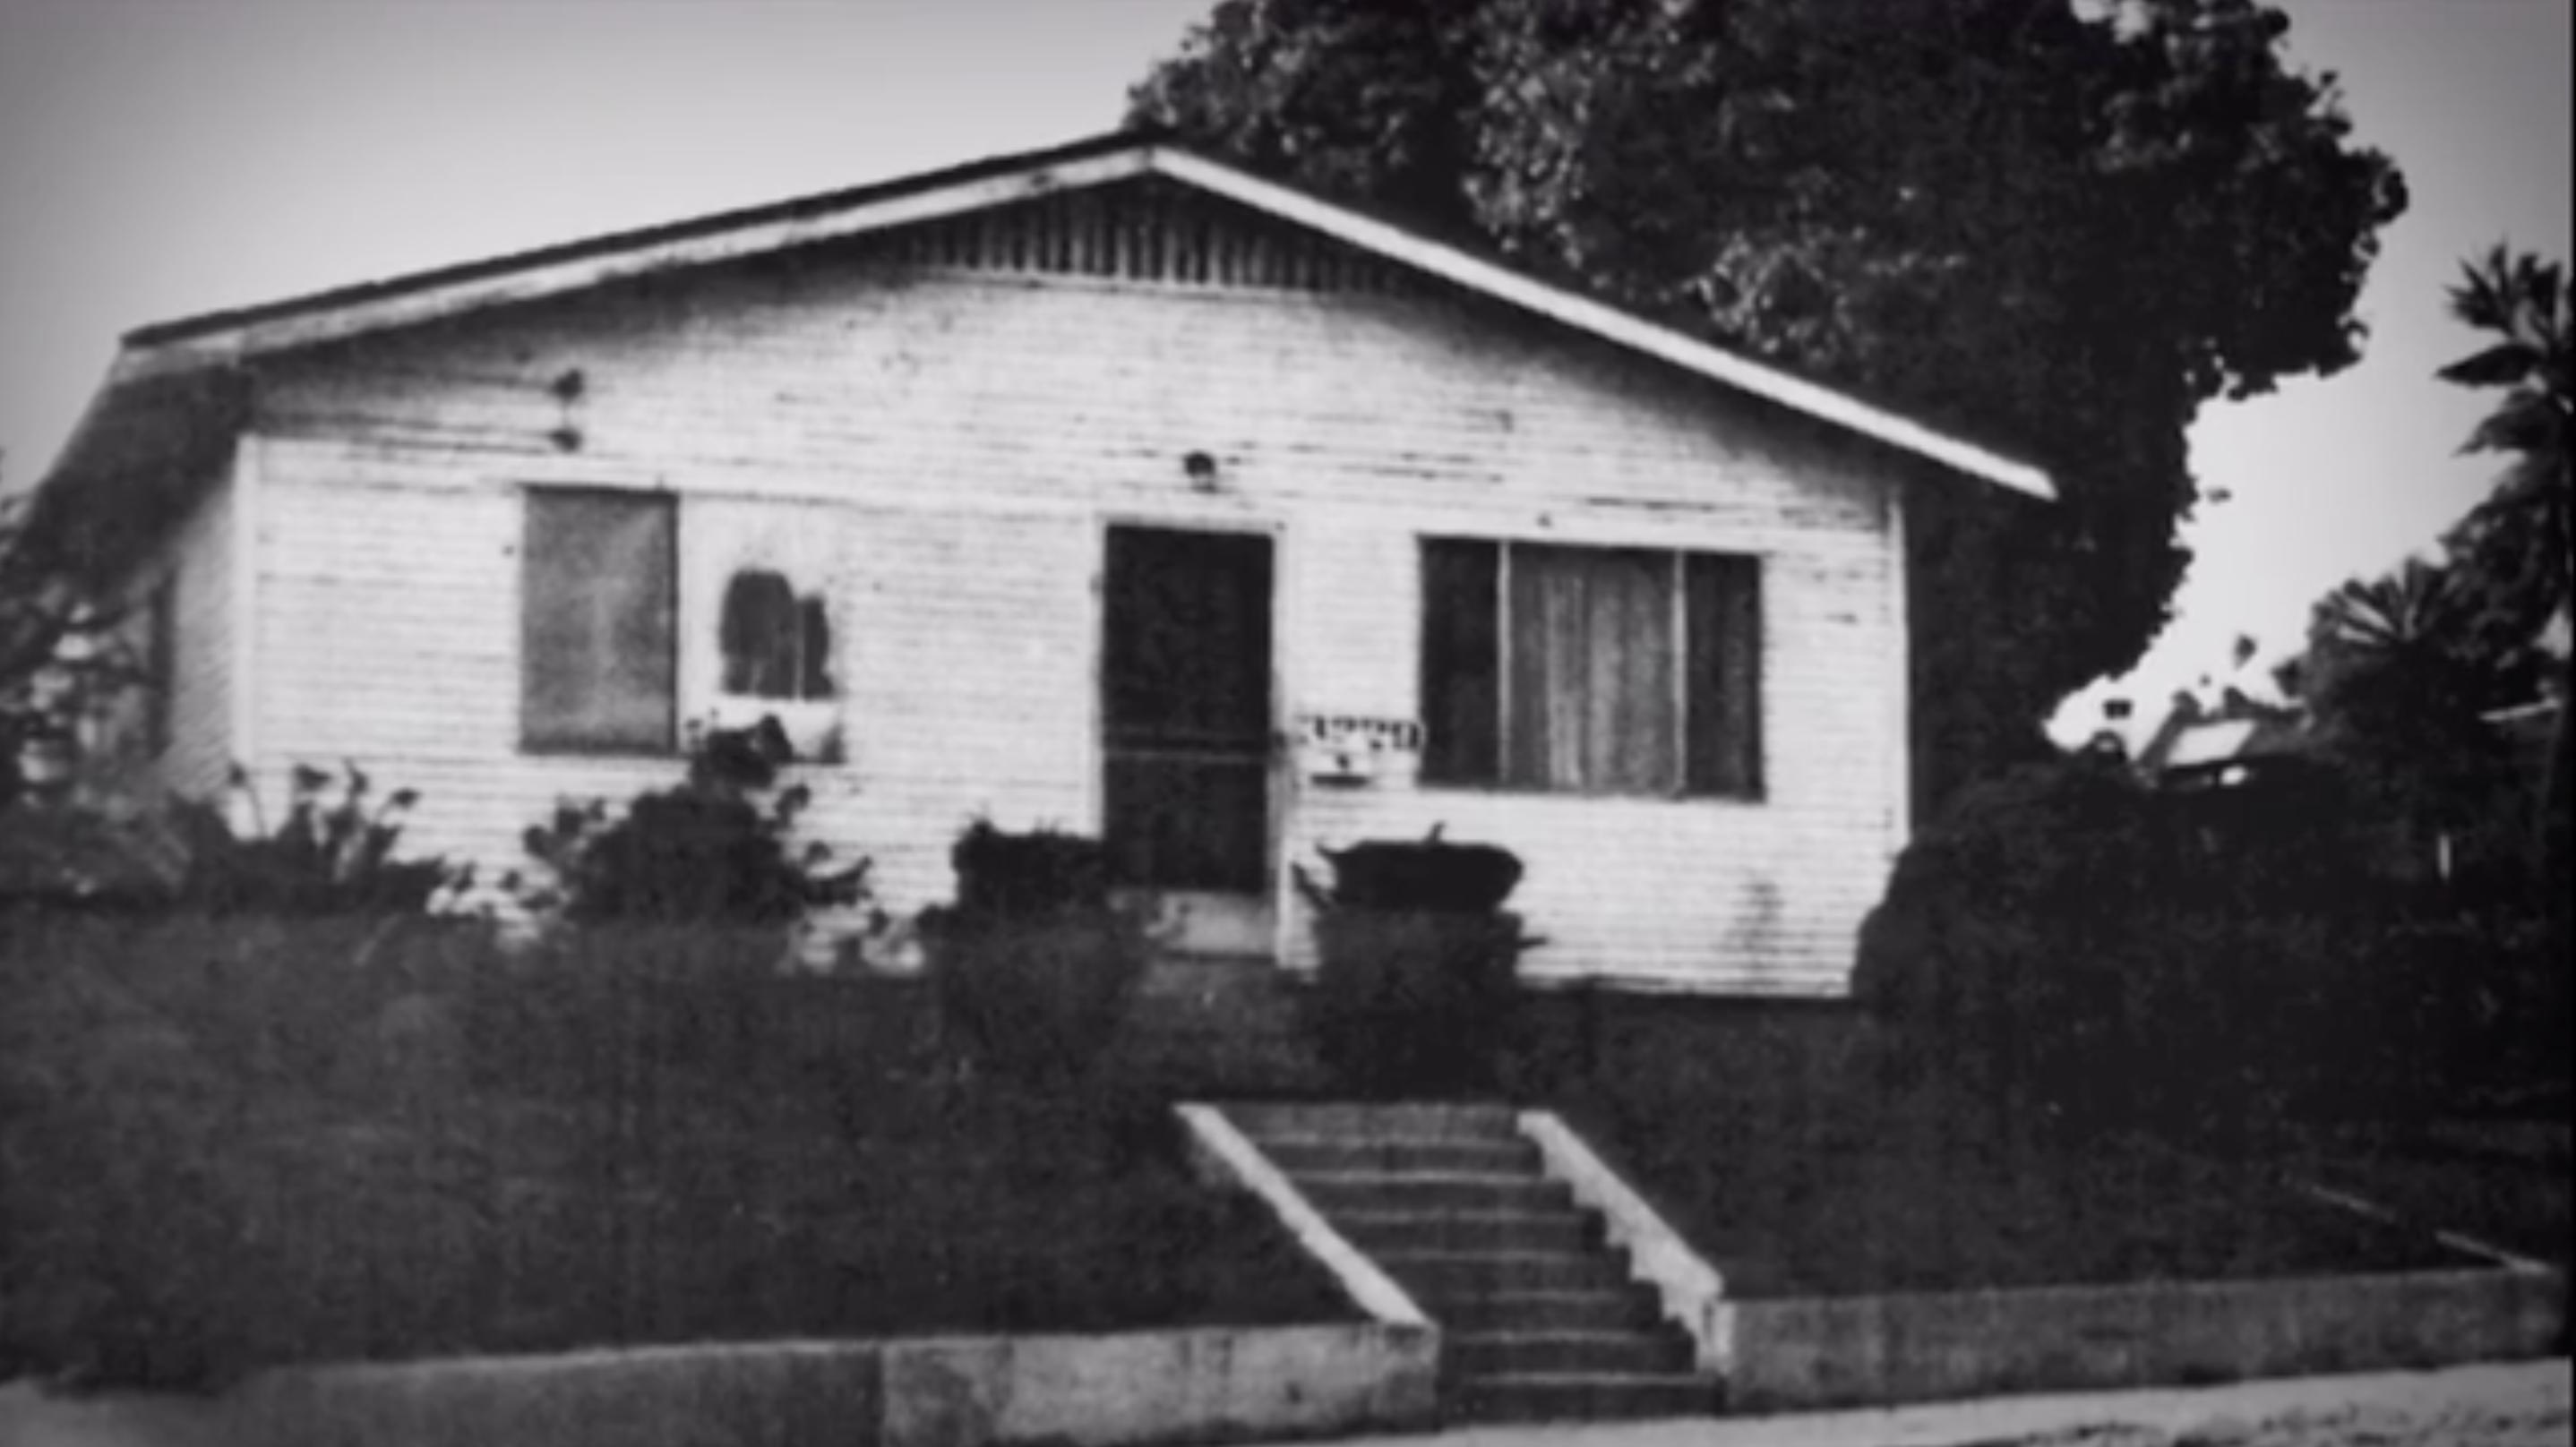 Emilia's House